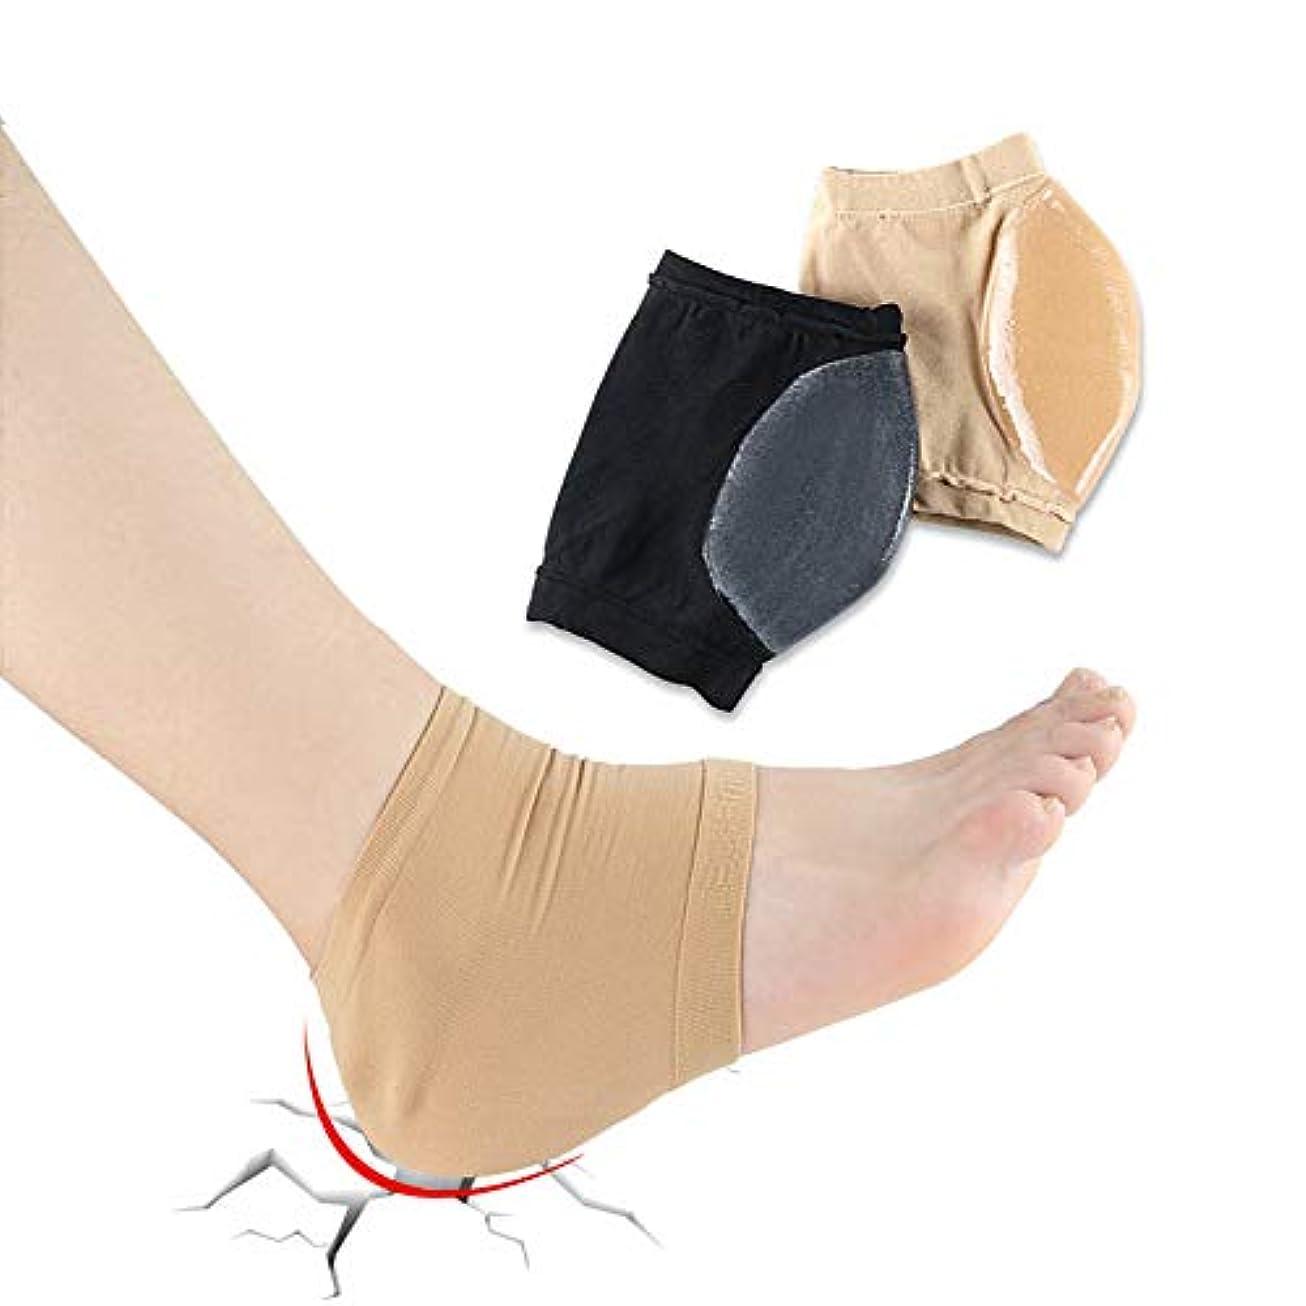 ひばり同性愛者スコットランド人伸縮性のある足スリーブ、ジェルパッド衝撃吸収性ヒール付きソックス、かかとを保護するためのかかとを保護するかかとユニセックス(2ペア),Flesh,M